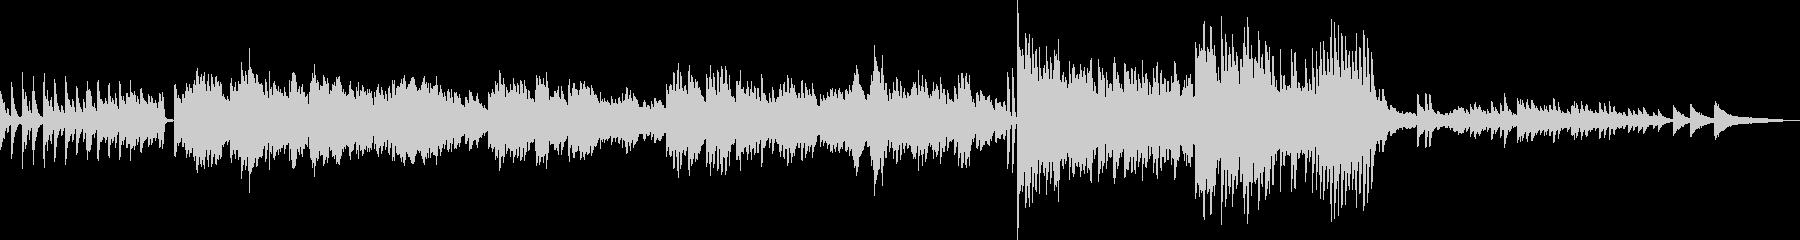 メルヘンな雰囲気が漂うピアノソロの未再生の波形